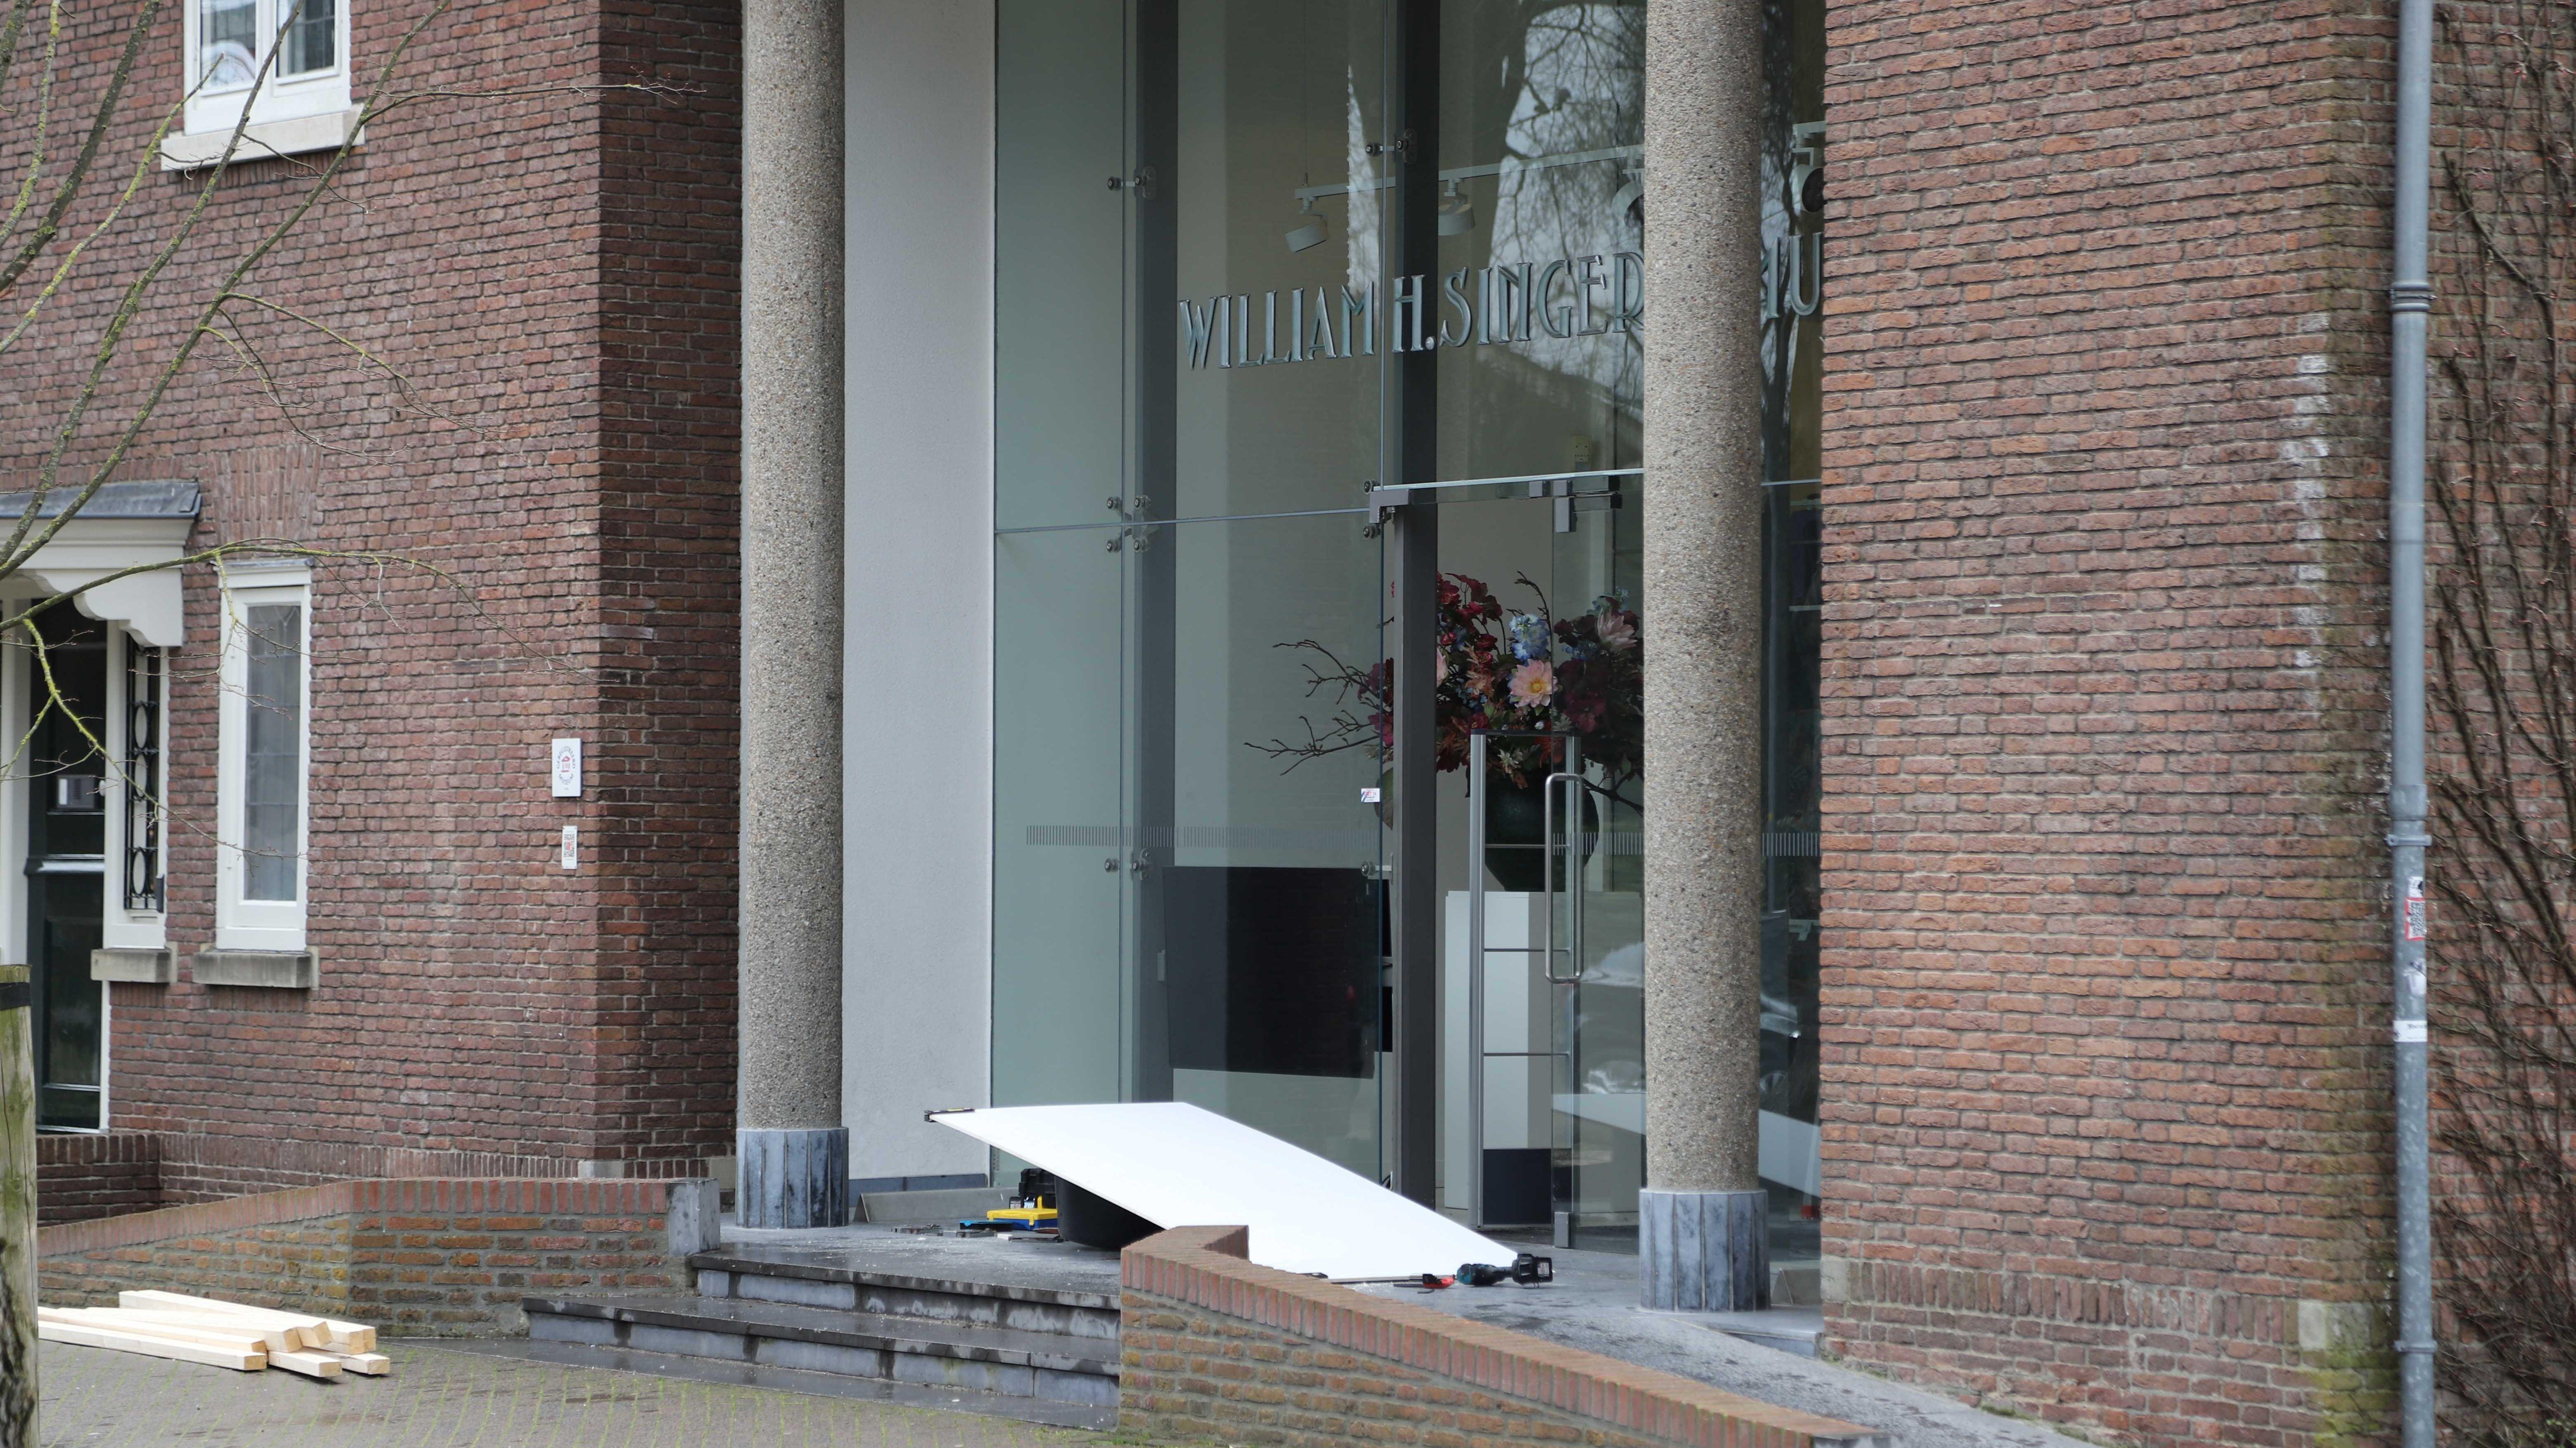 Die Glastüre des Museums muss nach dem Einbruch repariert werden.